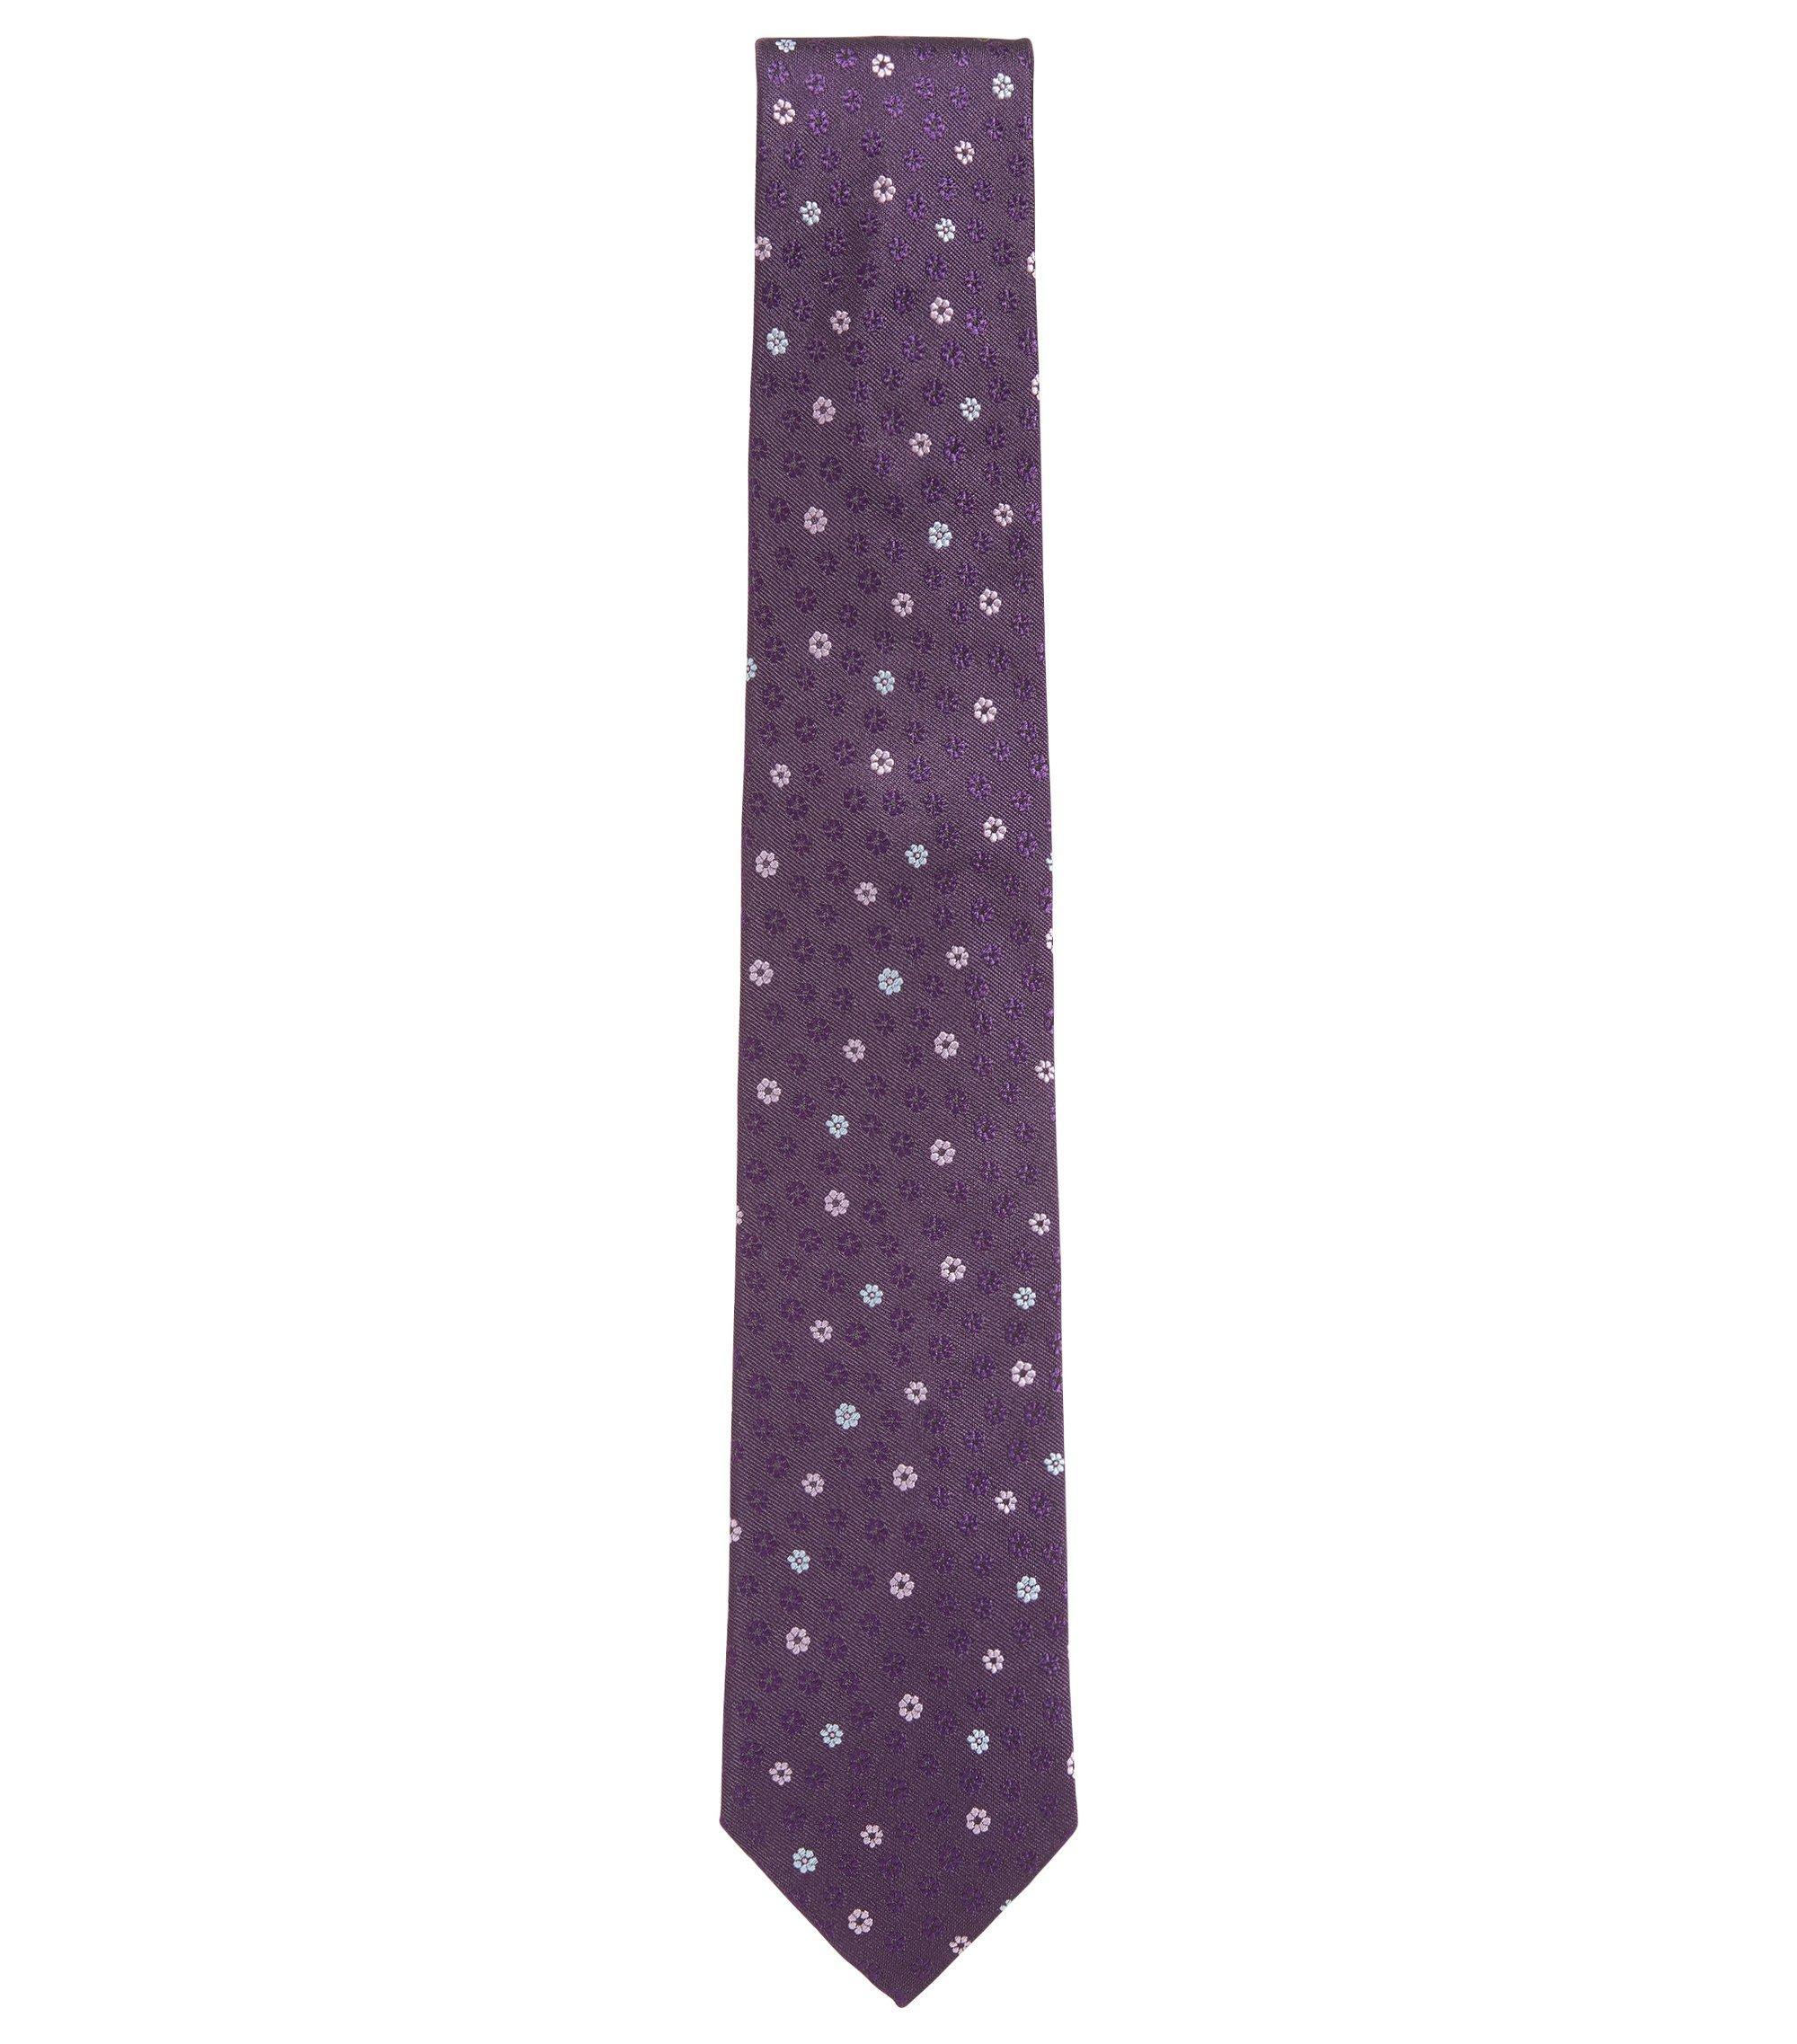 Cravatta in seta con disegno floreale, Lilla